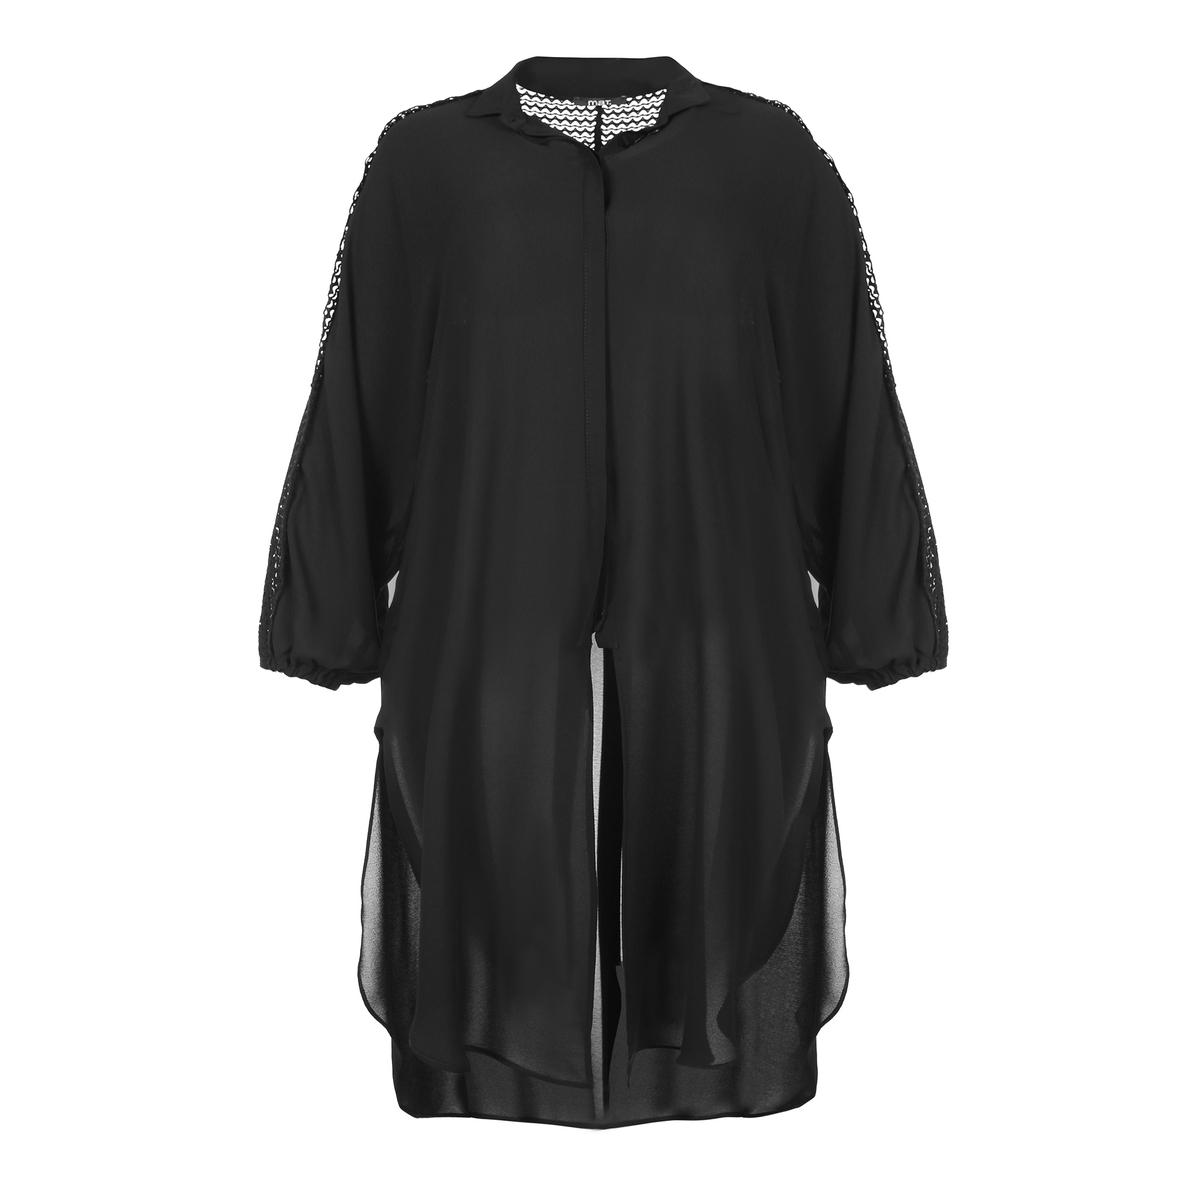 ТуникаТуника MAT FASHION. 100% полиэстер.Асимметричная туника-рубашка из очень тонкой струящейся ткани. Длинные рукава со складками, кружево от плеч до низа. Рубашечный воротник со скрытой застежкой на пуговицы. Красивая туника одного размера, соответствует 46-54 размерам.<br><br>Цвет: черный<br>Размер: 48/52 (FR) - 54/58 (RUS)